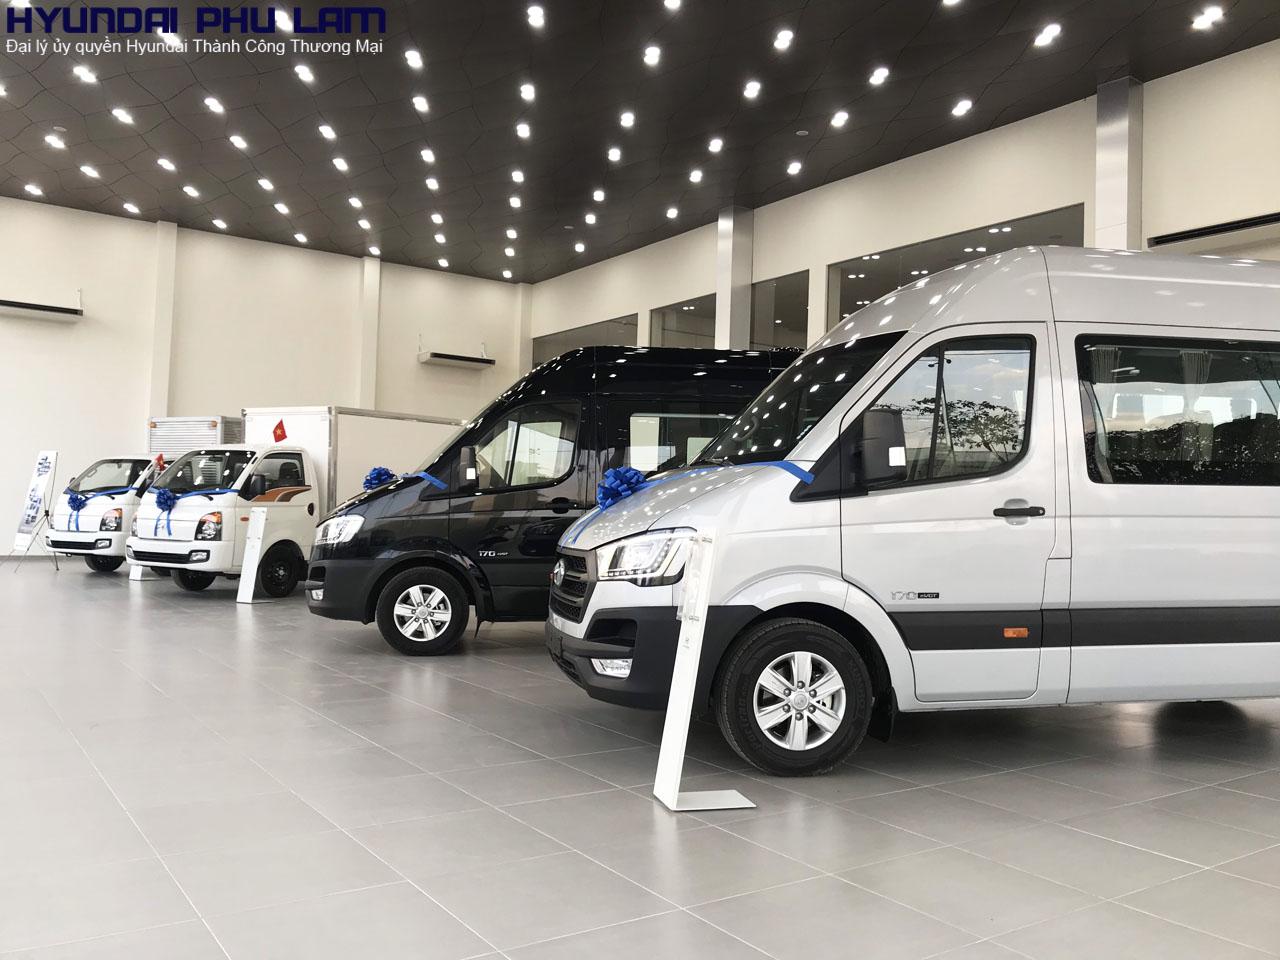 hyundai-binh-chanh Giới thiệu | Hyundai Phú Lâm